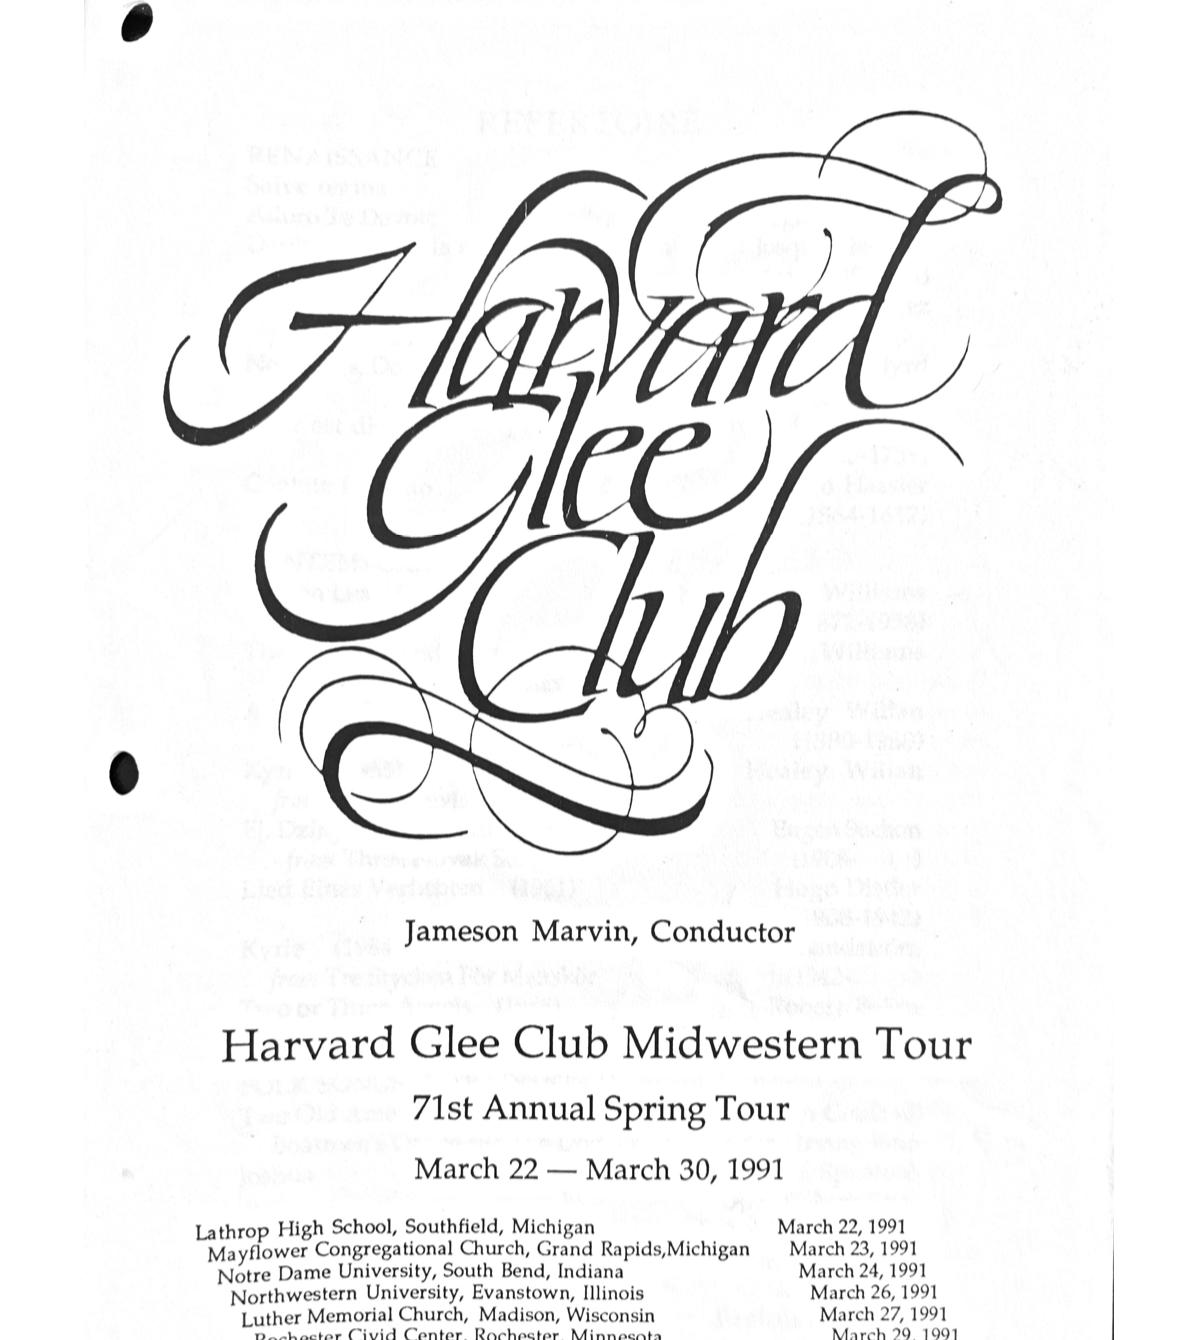 HGC tour program 91